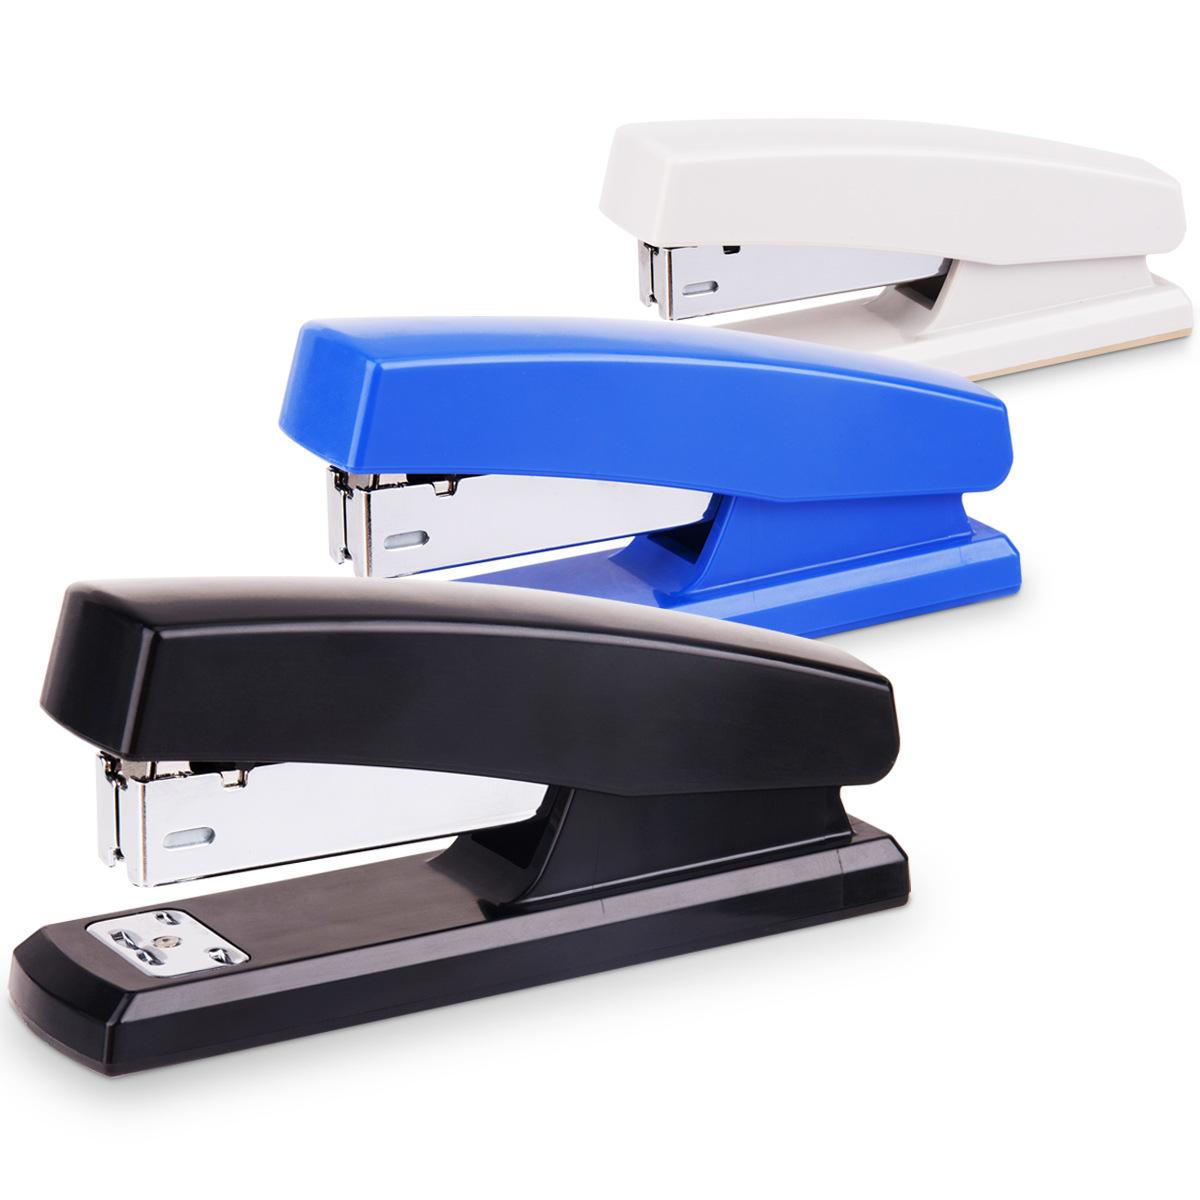 Deli 0425 Stationery Stapler No. 12 Stapler Binding Machine Easily Binding 20 Stapler Office Supplie